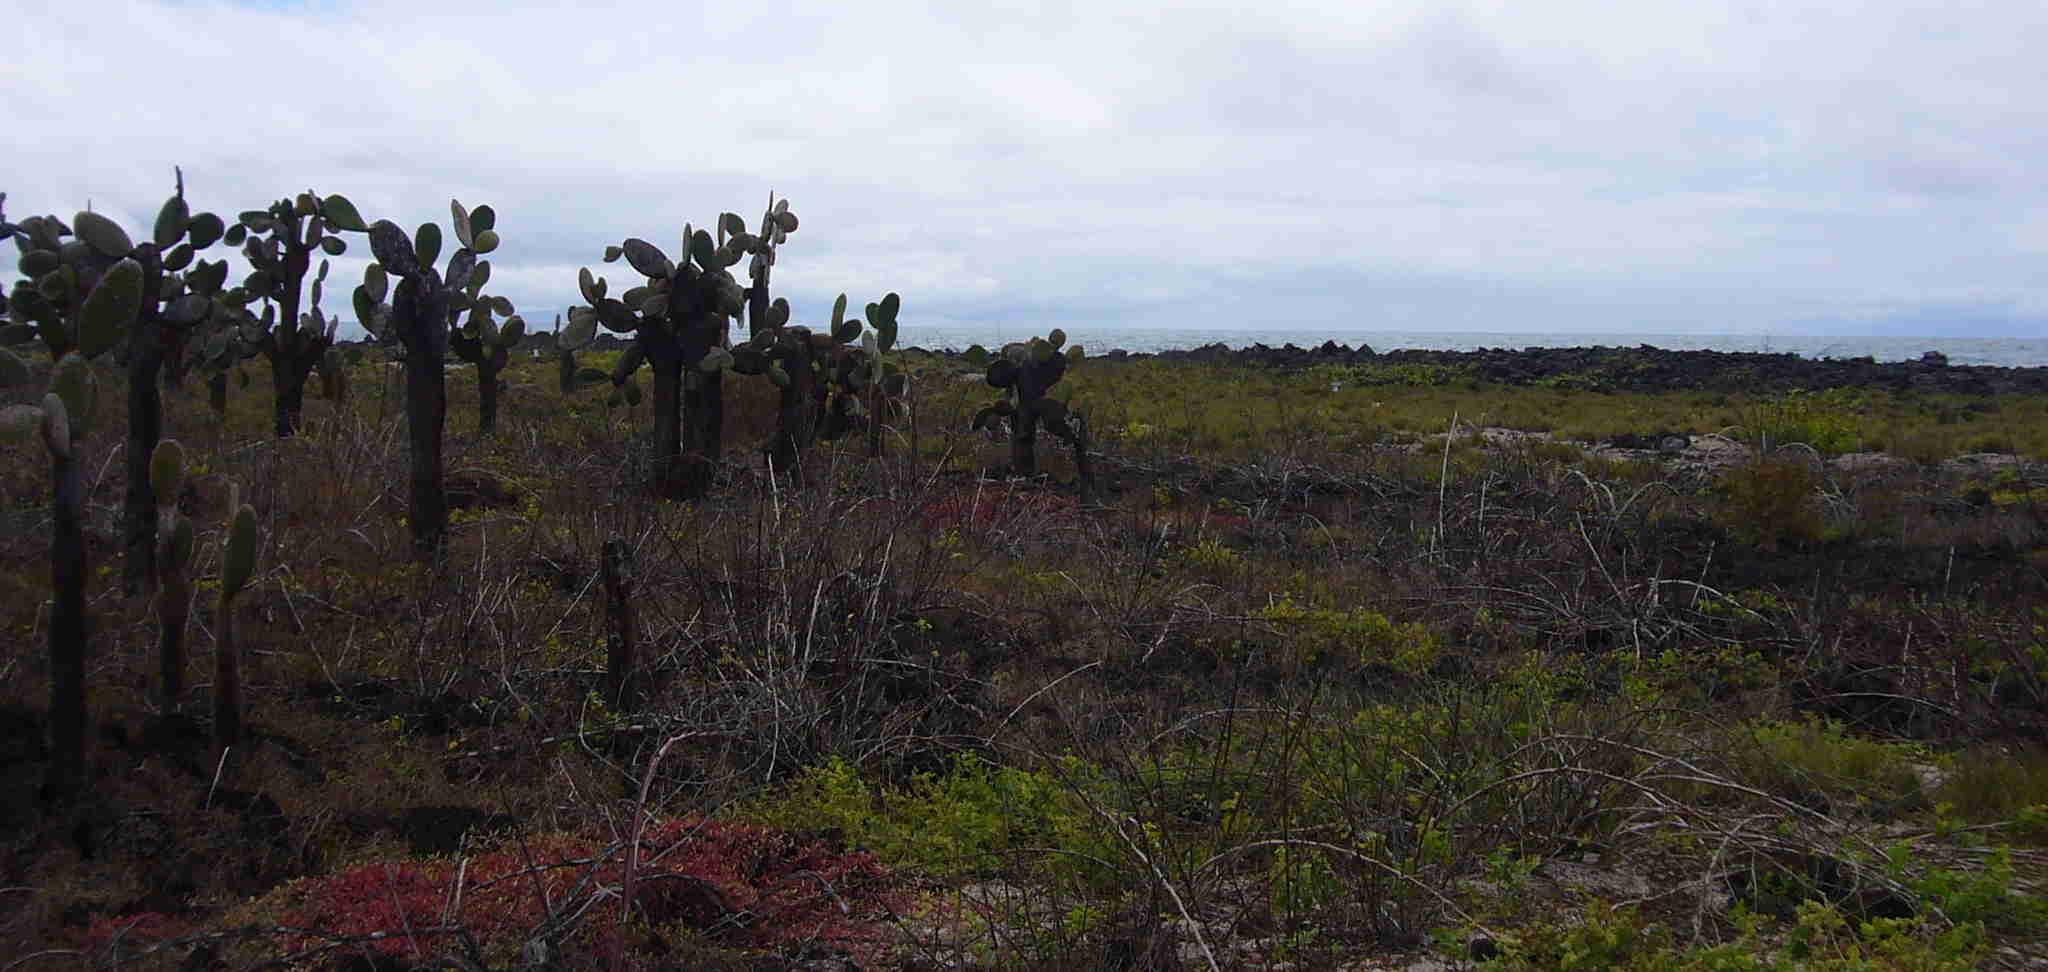 Paisaje con cactus en Galápagos.